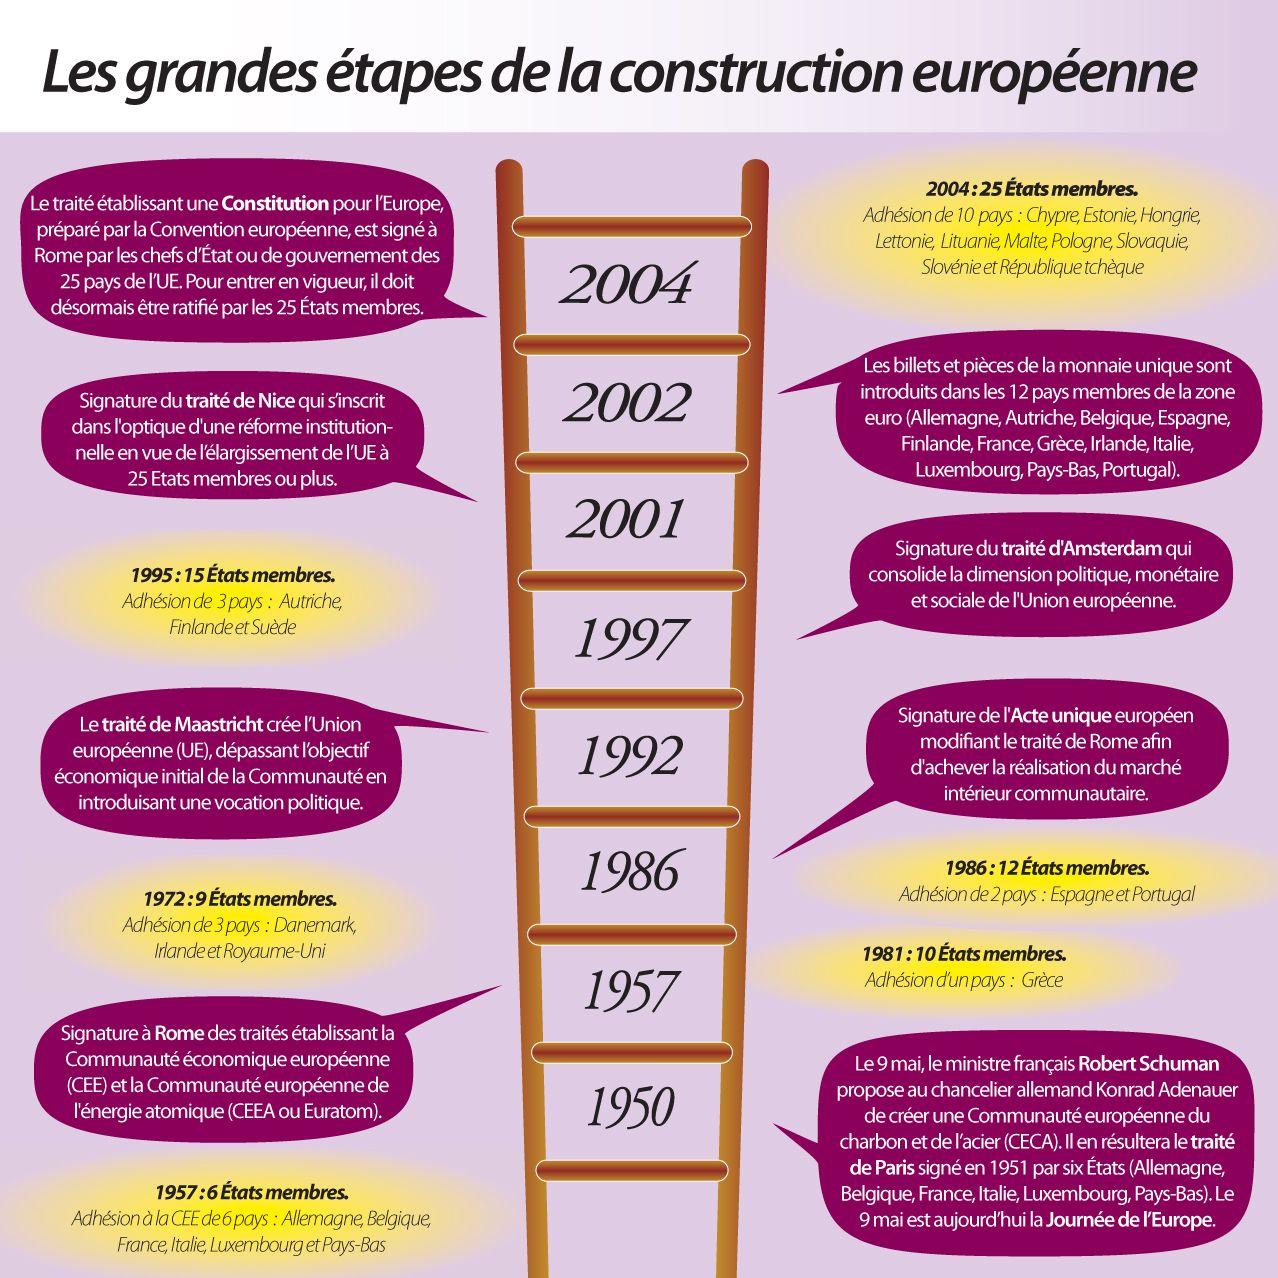 les tapes de la construction europ enne histoire l 39 europe pinterest construction